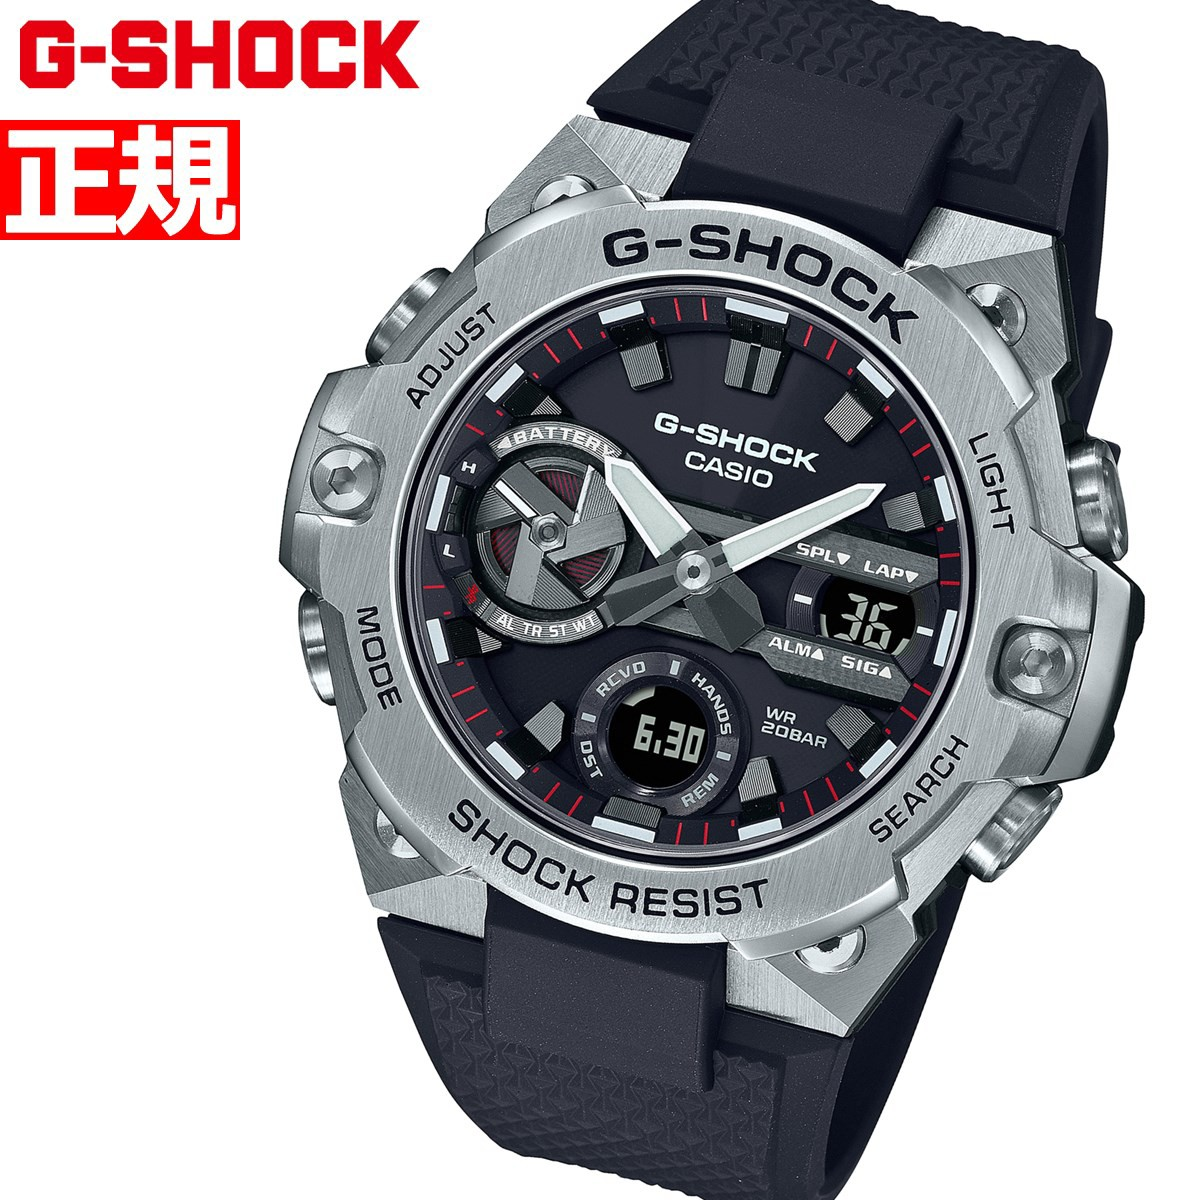 G-SHOCK ソーラー G-STEEL カシオ Gショック Gスチール CASIO 腕時計 メンズ タフソーラー GST-B400-1AJF